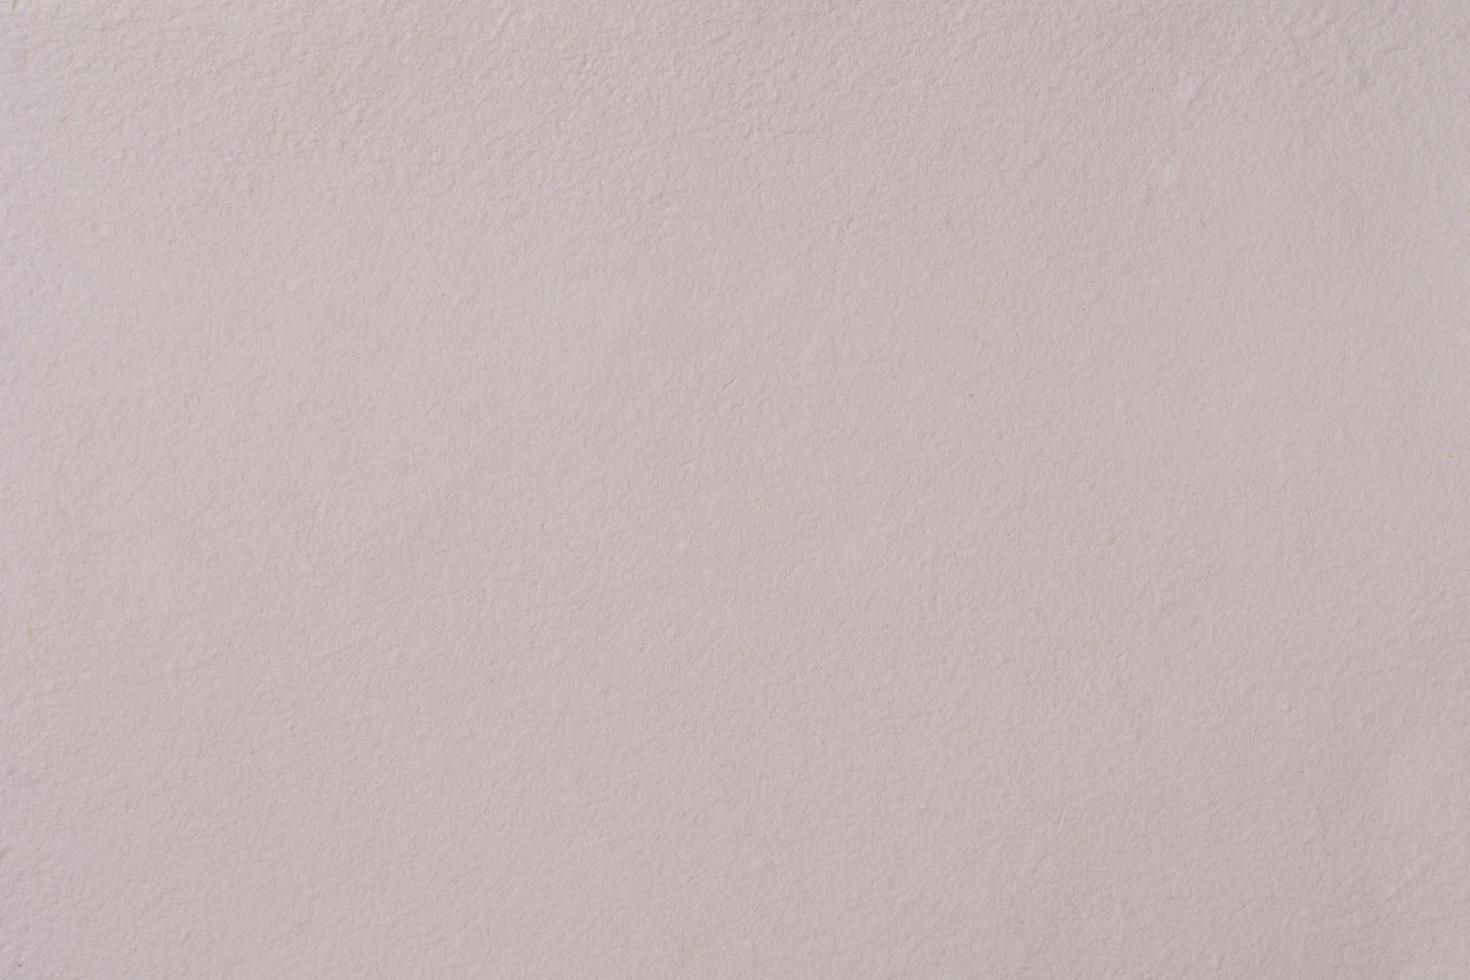 la texture du papier vue de dessus photo